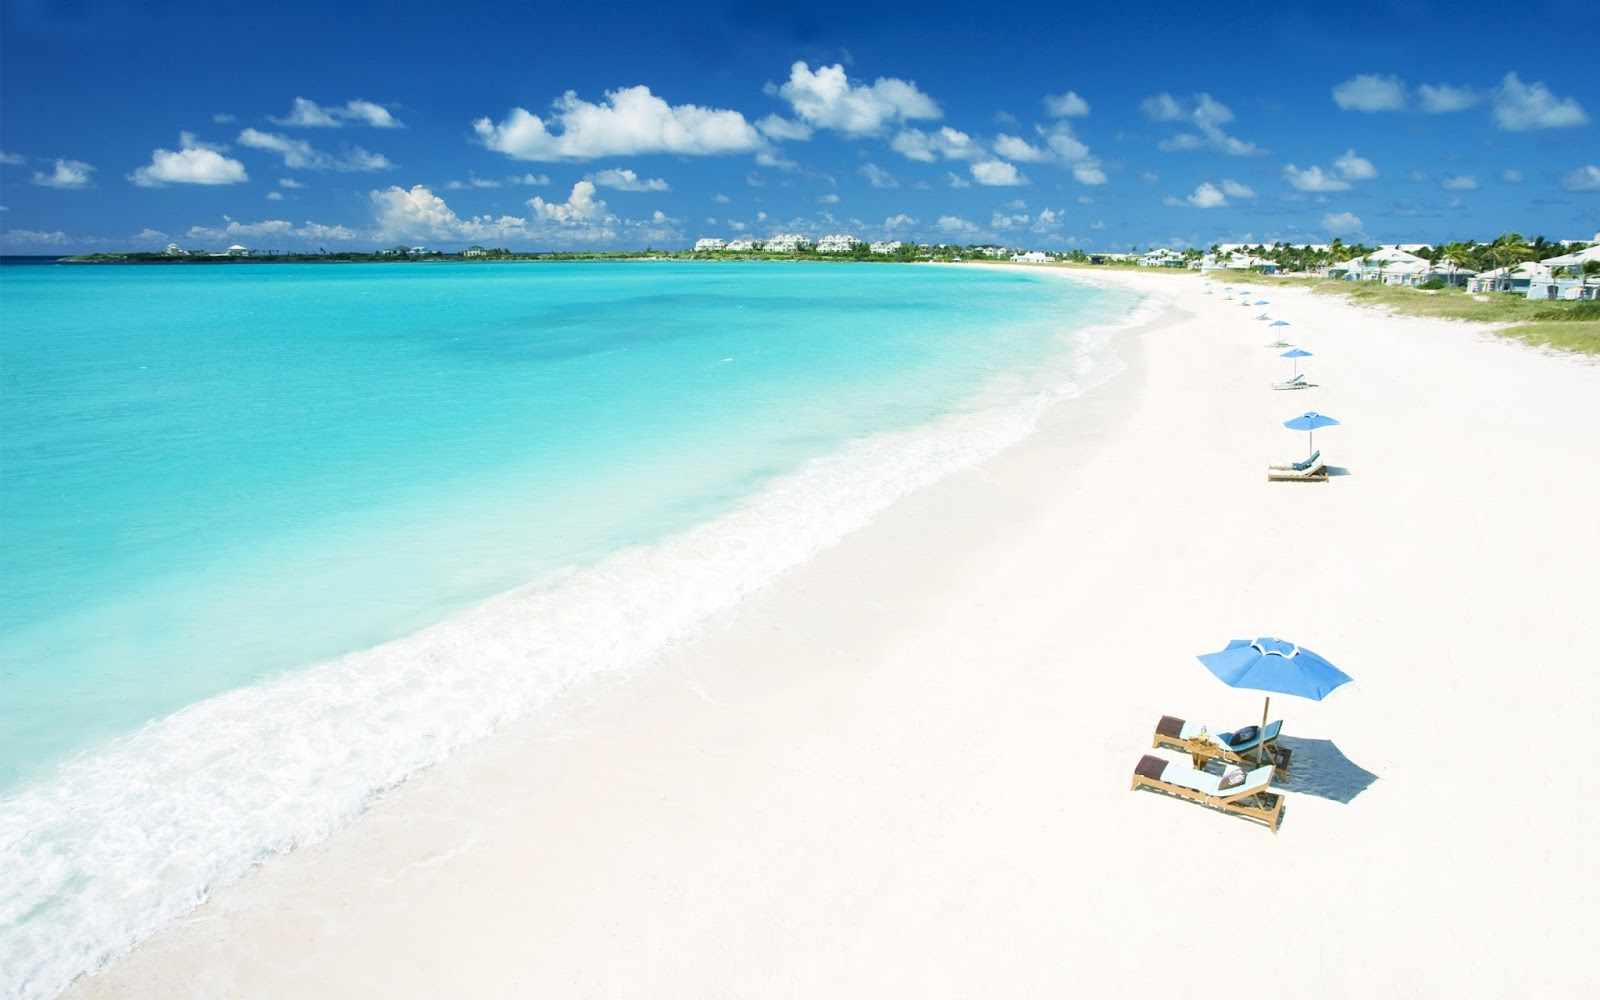 Bờ biển Nha Trang với cát trắng nắng vàng